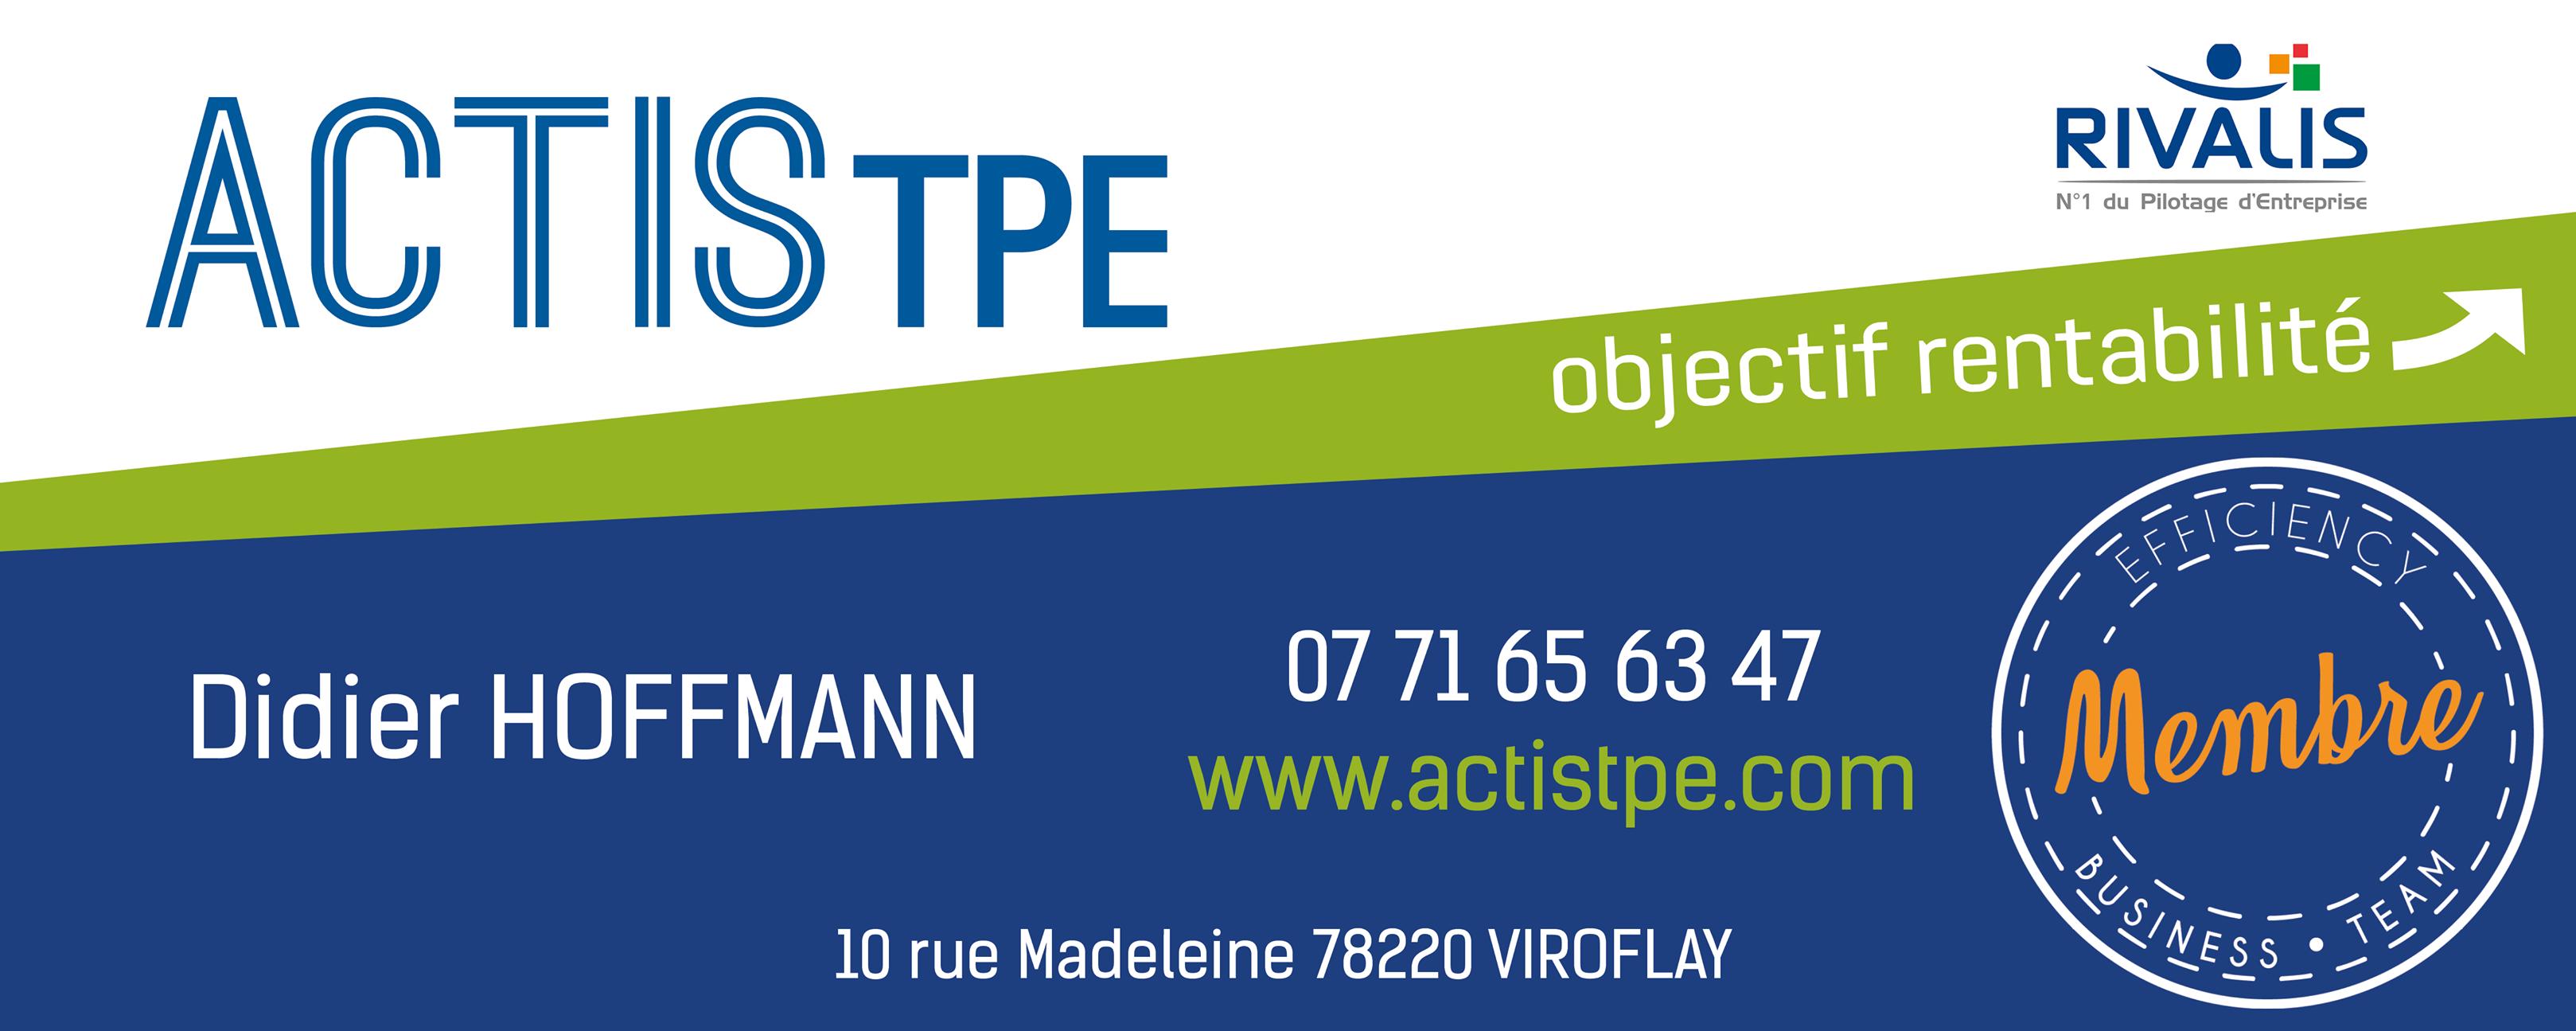 ACTIS TPE